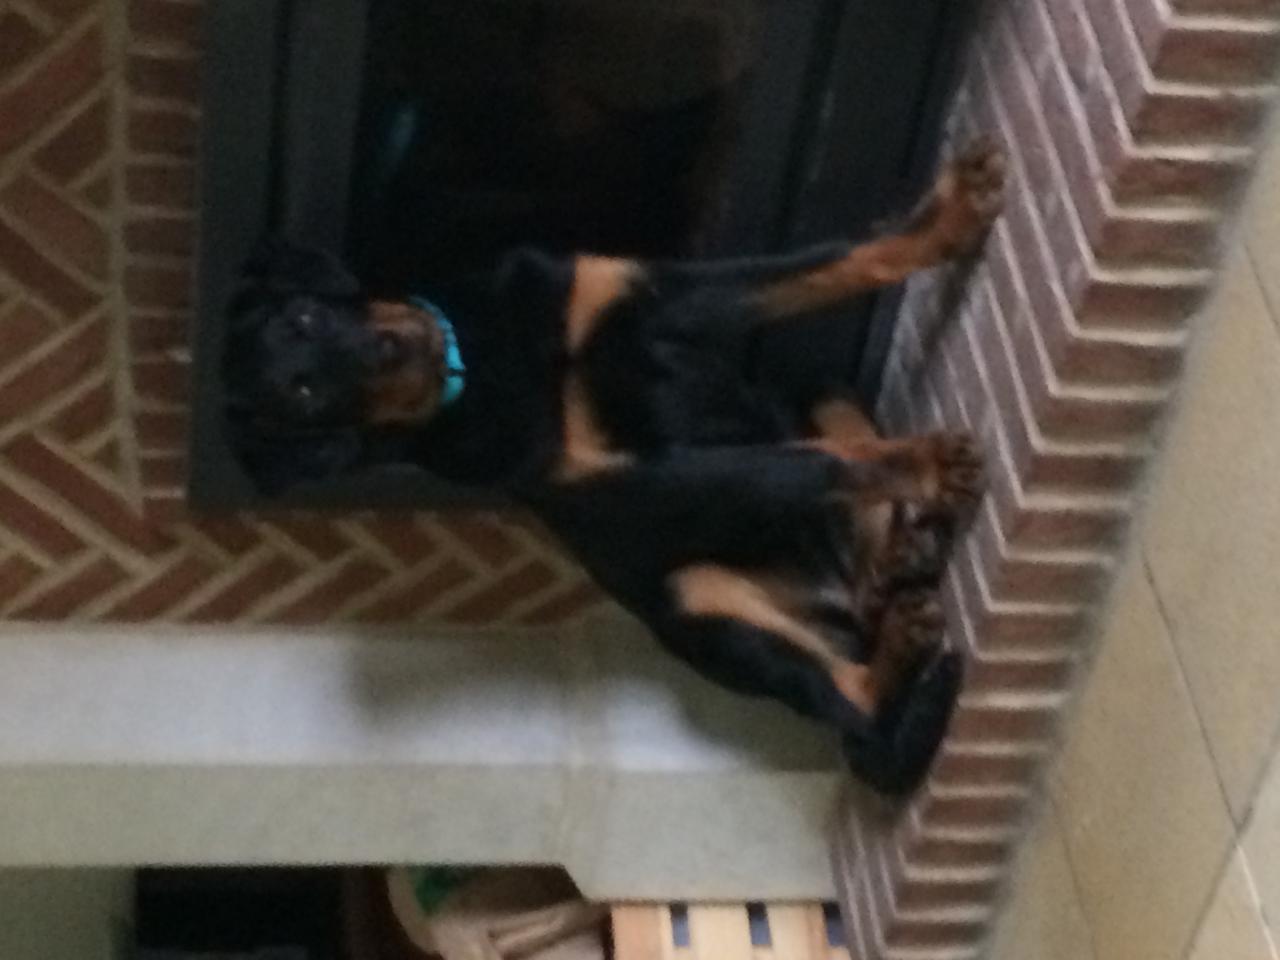 Buddy à 4 mois, la chienne Beauceron de Sophie